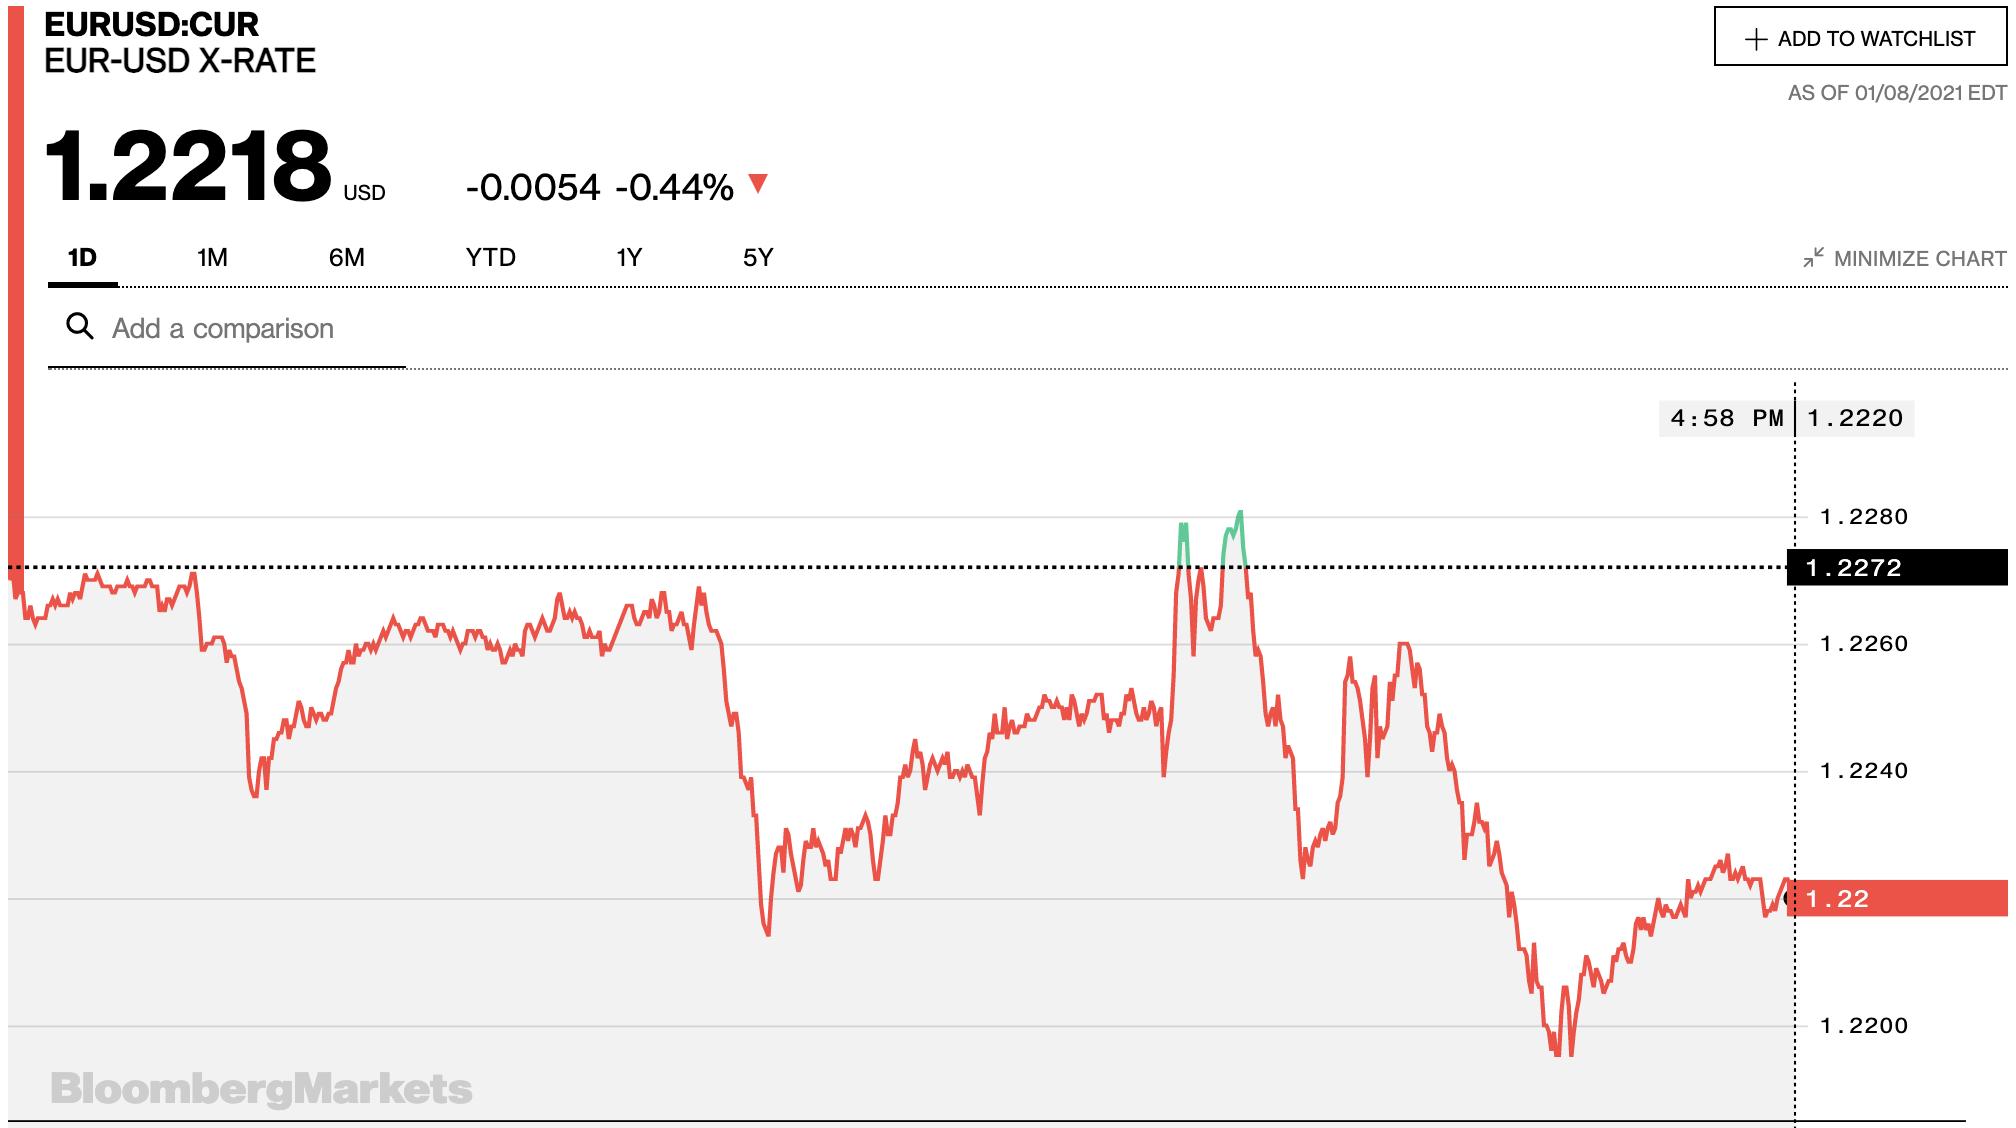 Tỷ giá euro hôm nay 9/1: Xu hướng giảm chiếm ưu thế tại các ngân hàng - Ảnh 2.